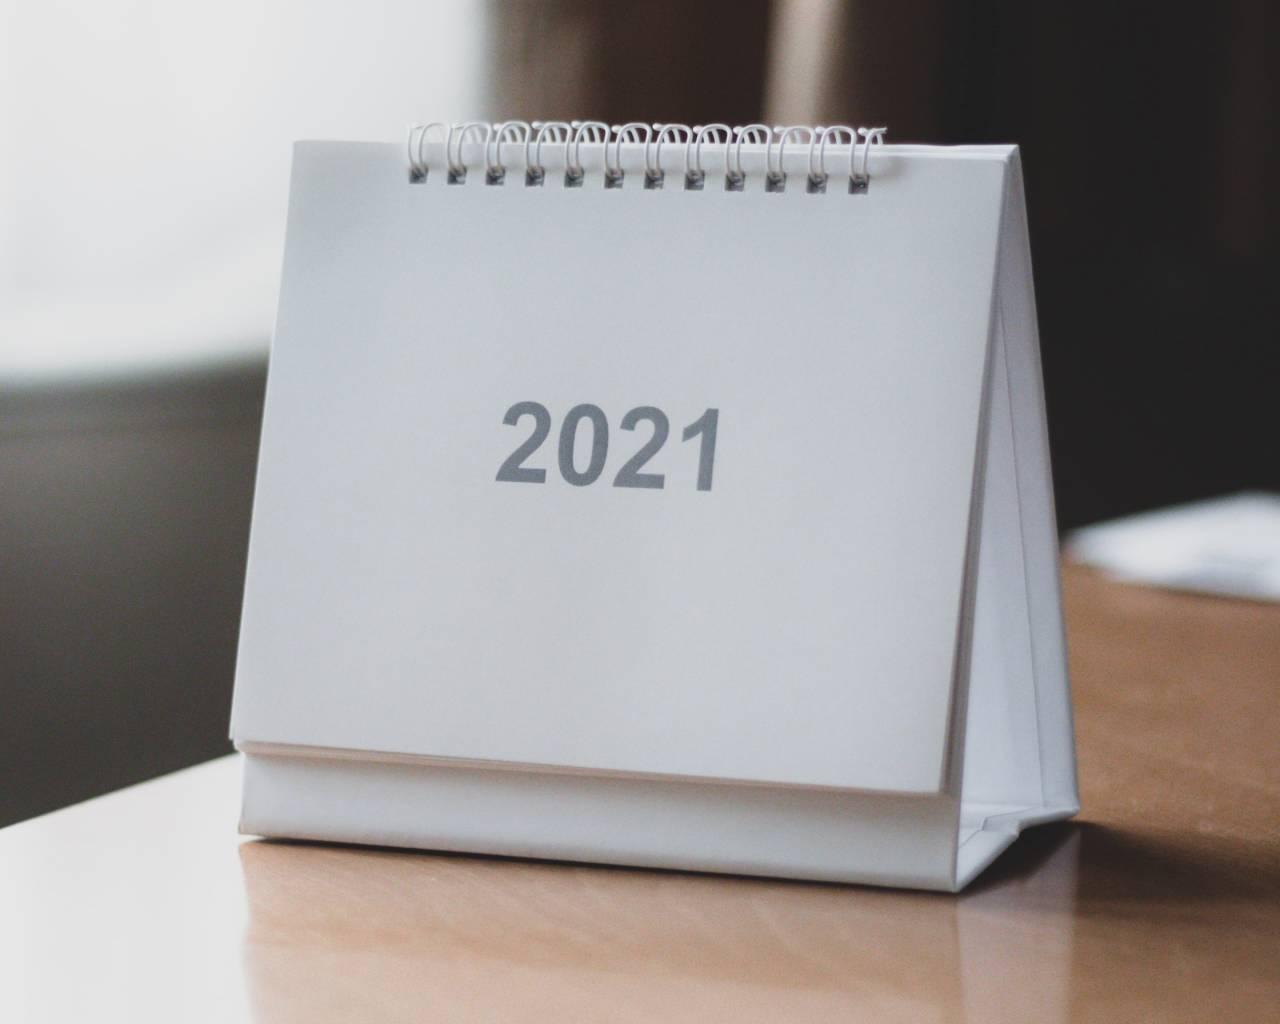 Nezapomeňte zaplatit stočné 2021!